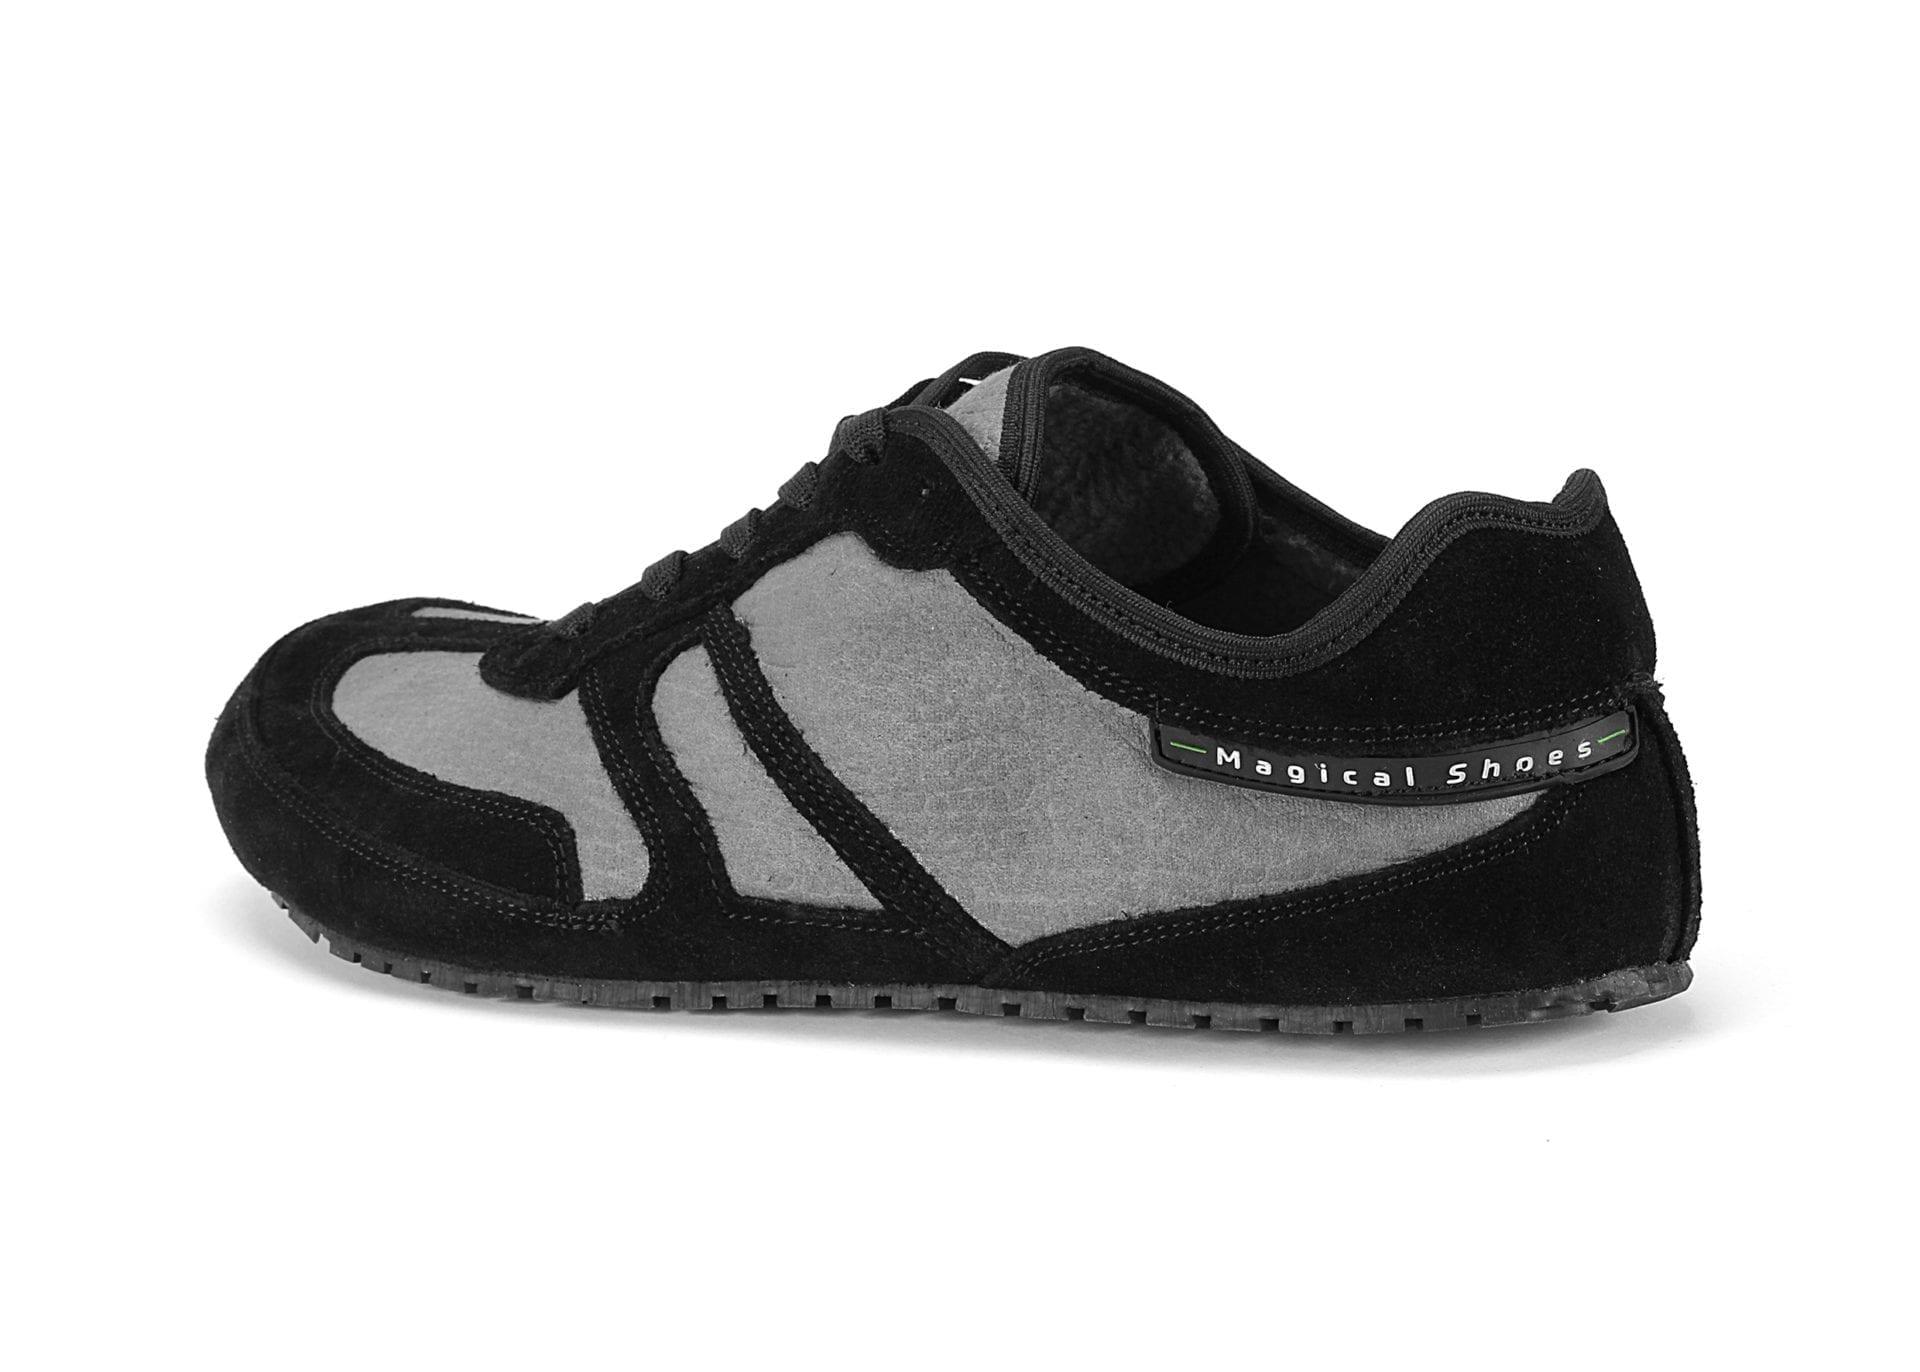 Magical Shoes EXPLORER AUTUMN KODIAK BAREFOOT SHOES picture 2